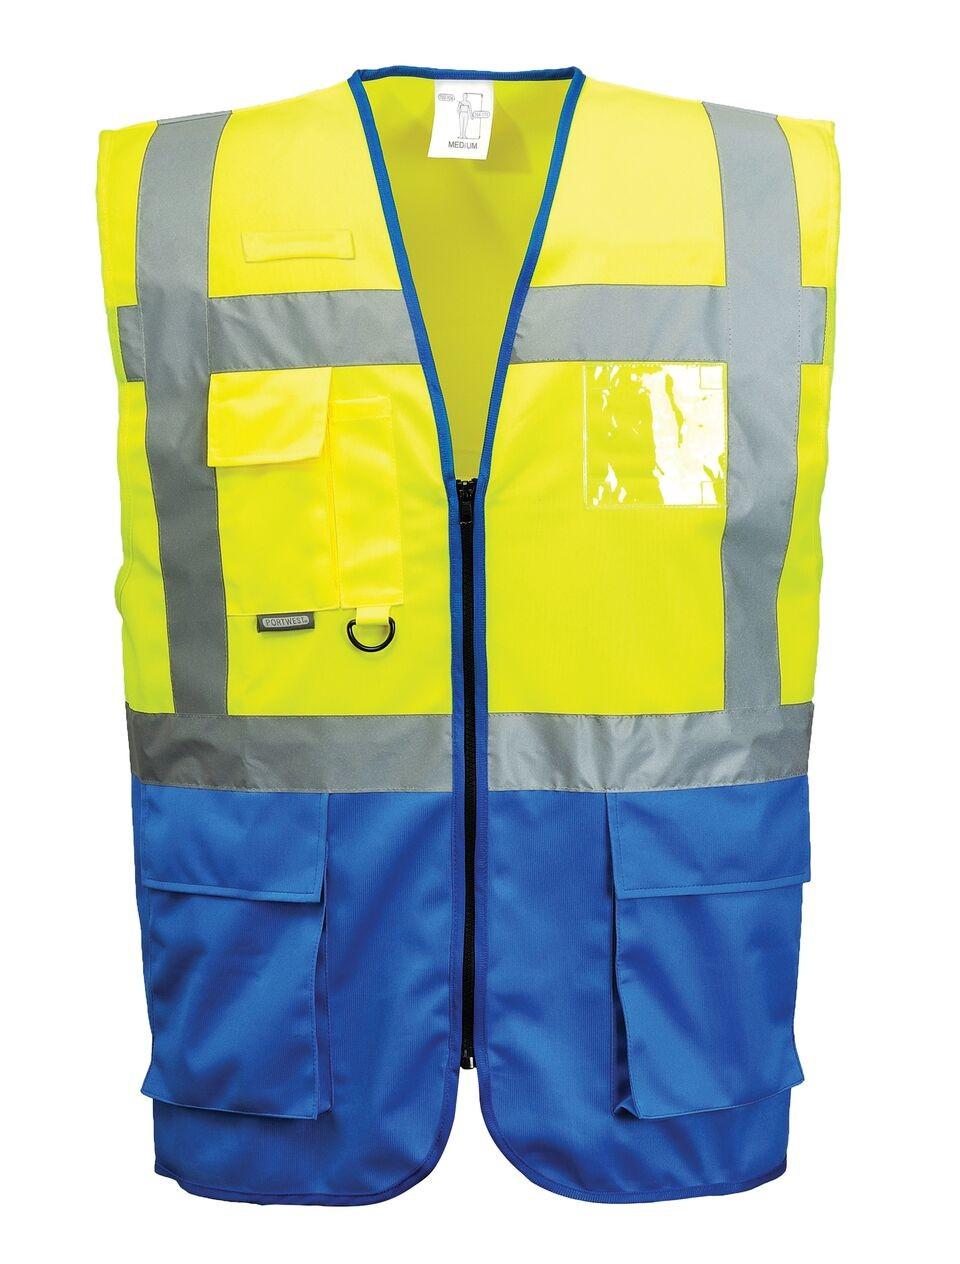 Γιλέκο ανακλαστικό PortWest C476 Κίτρινο-μπλε